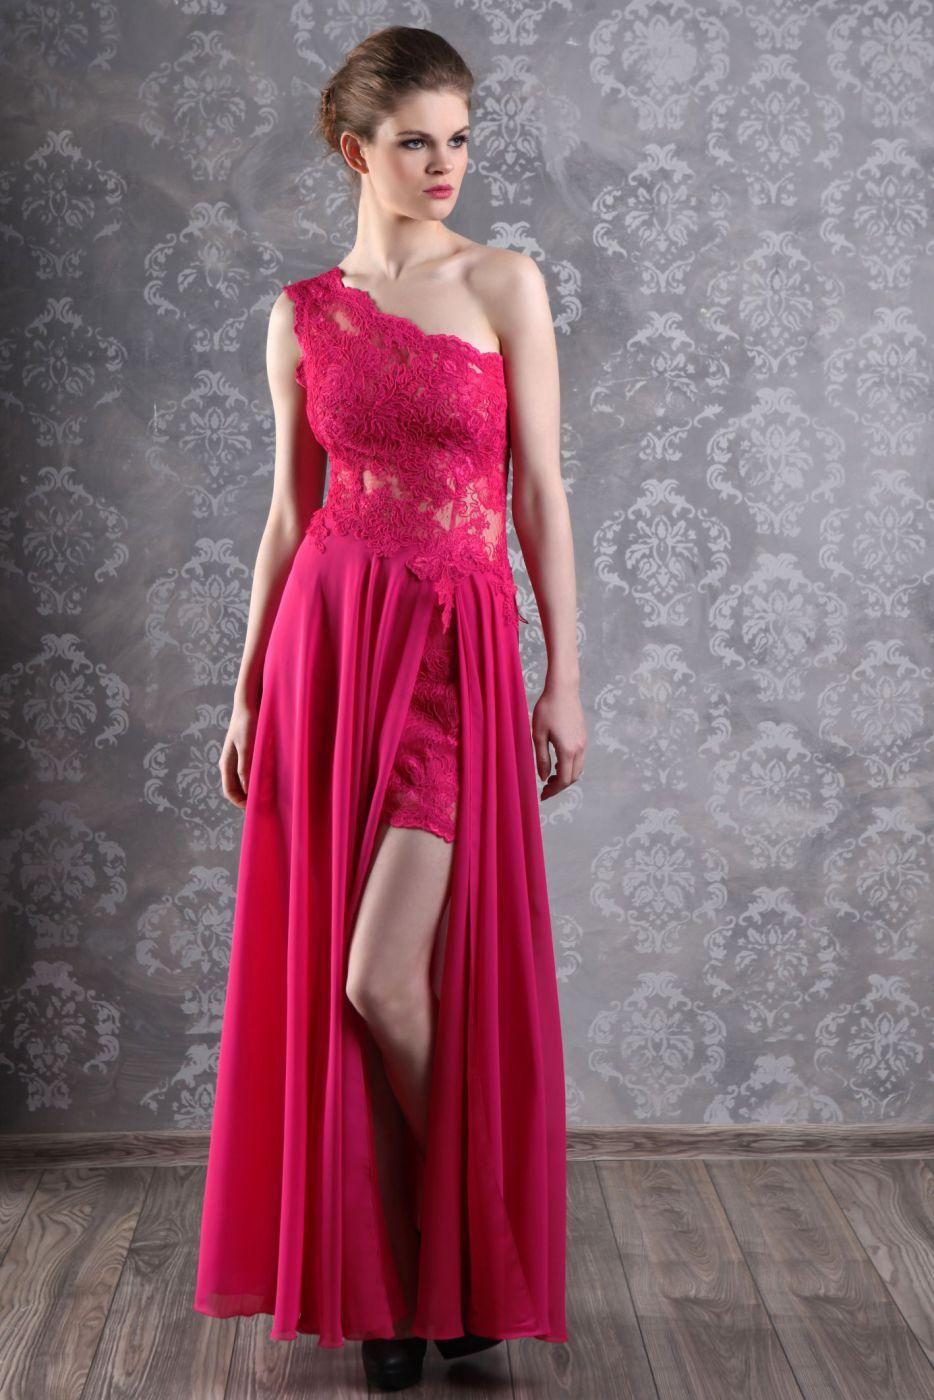 Abendkleid Ballkleid in Pink aus Chiffon und Spitze - Kleiderfreuden